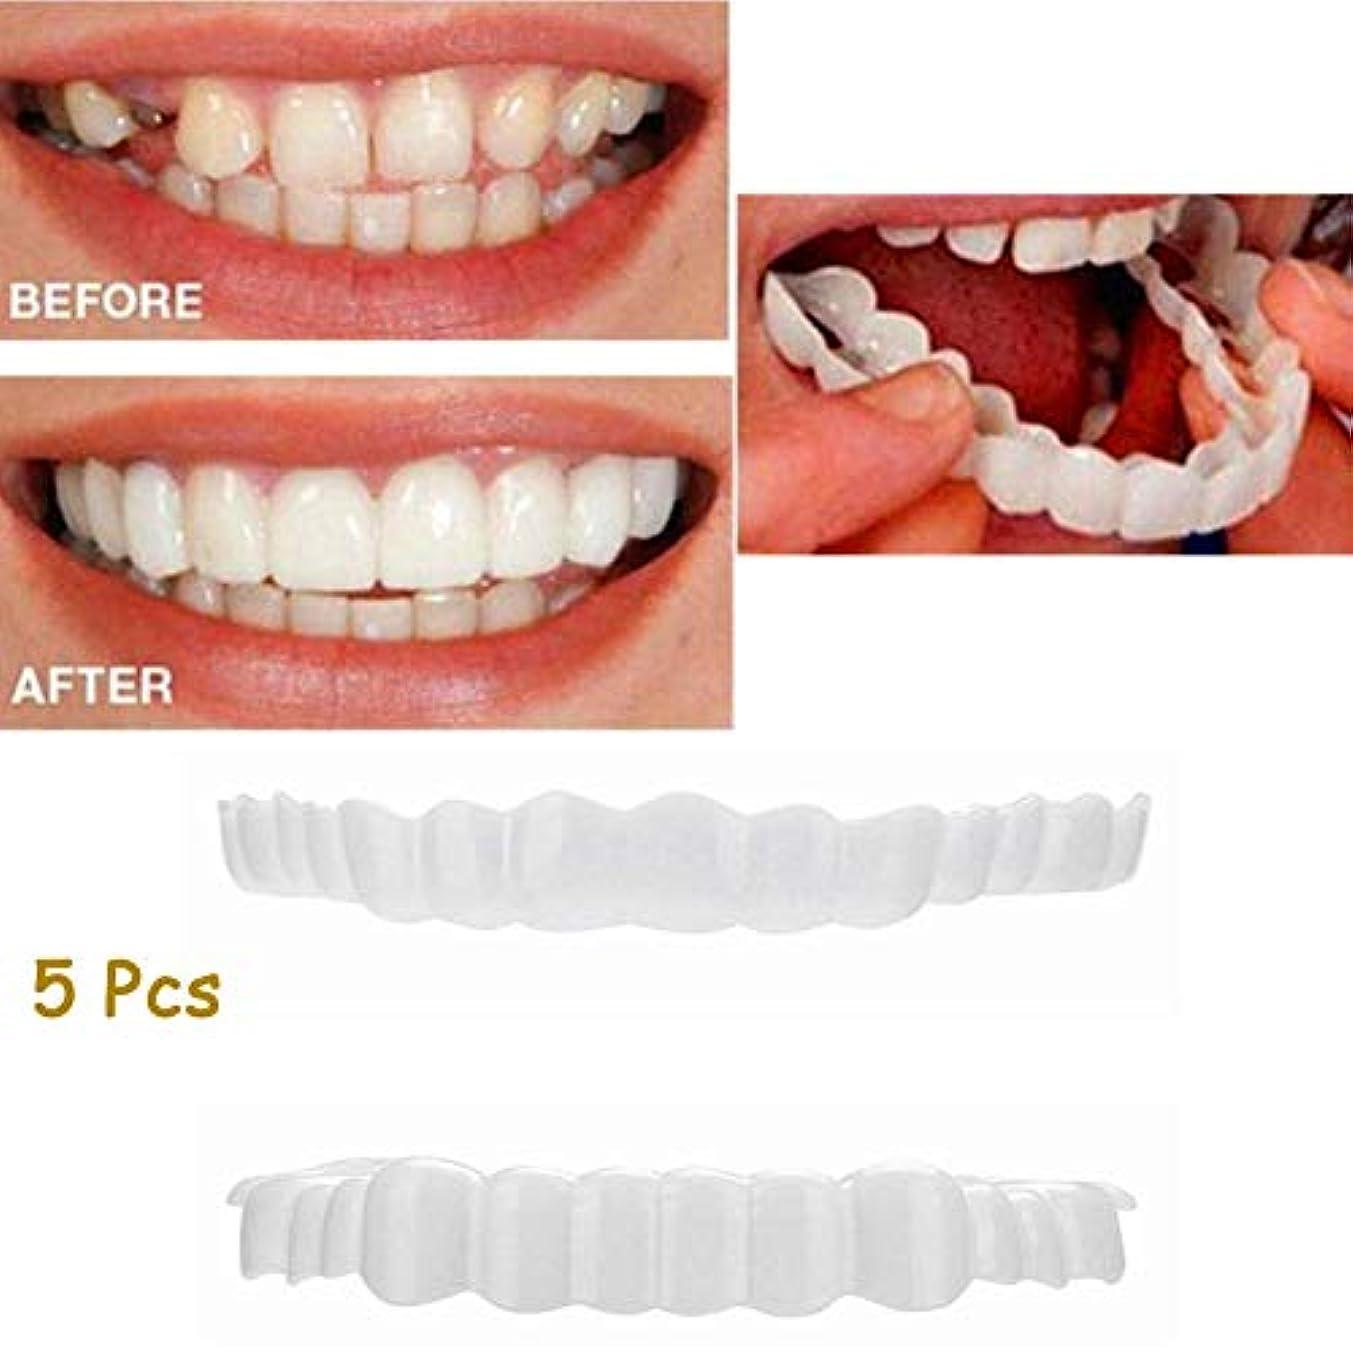 列挙する依存エゴイズム5本の上歯+下歯セット偽の歯を白くする完璧な化粧品の歯